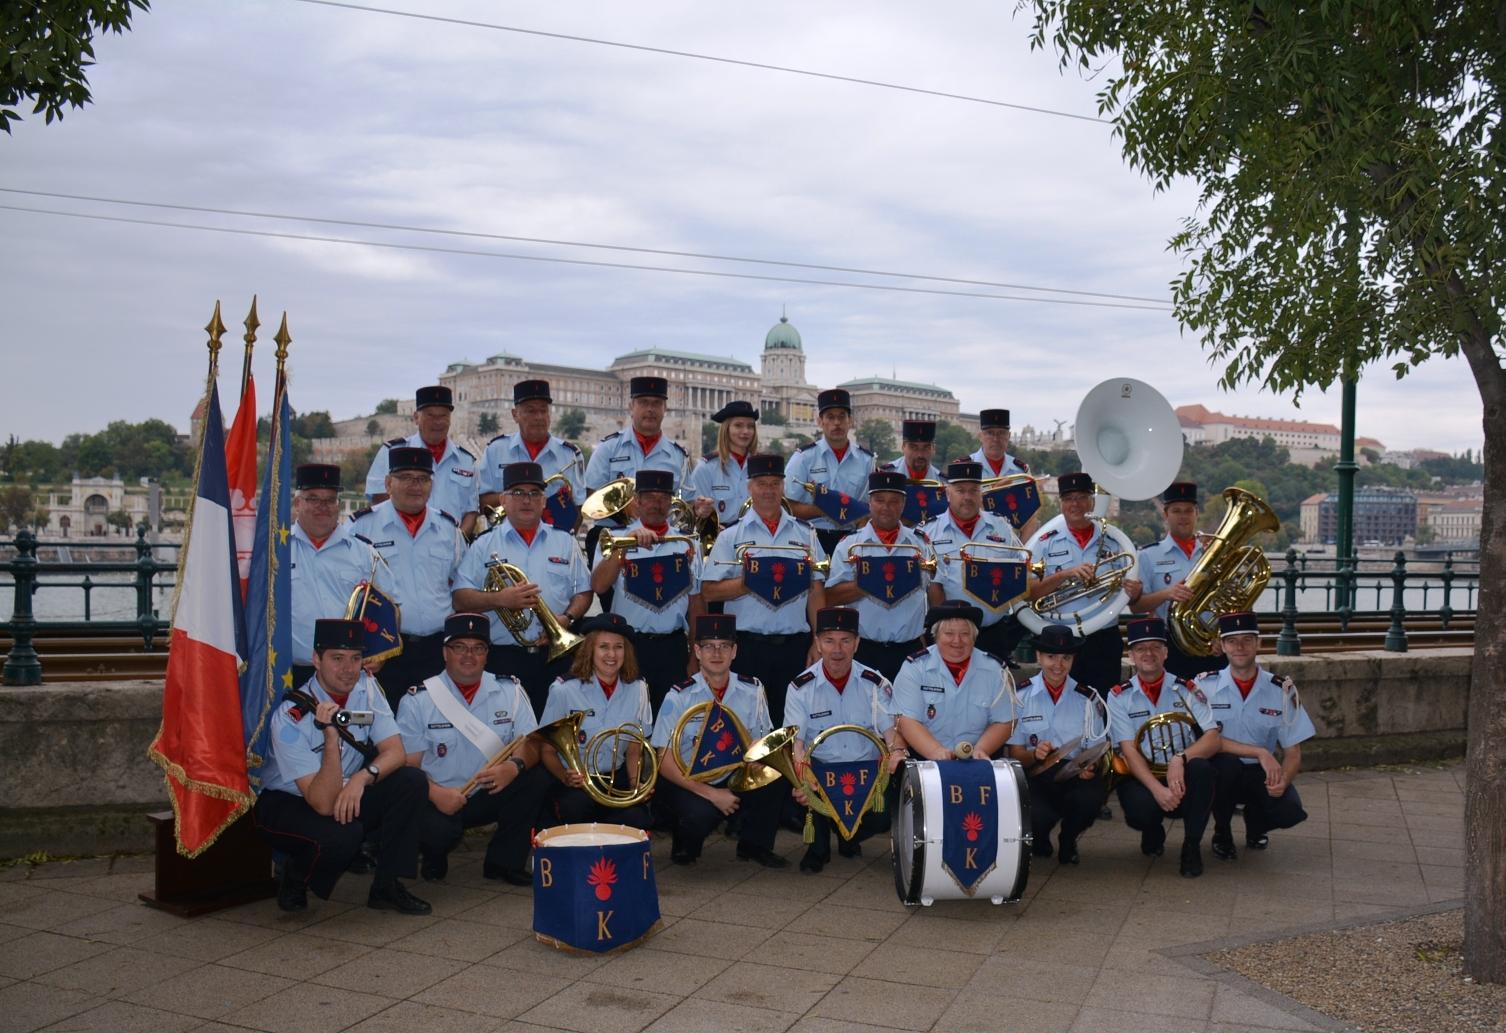 Bfk budapest 2018 401